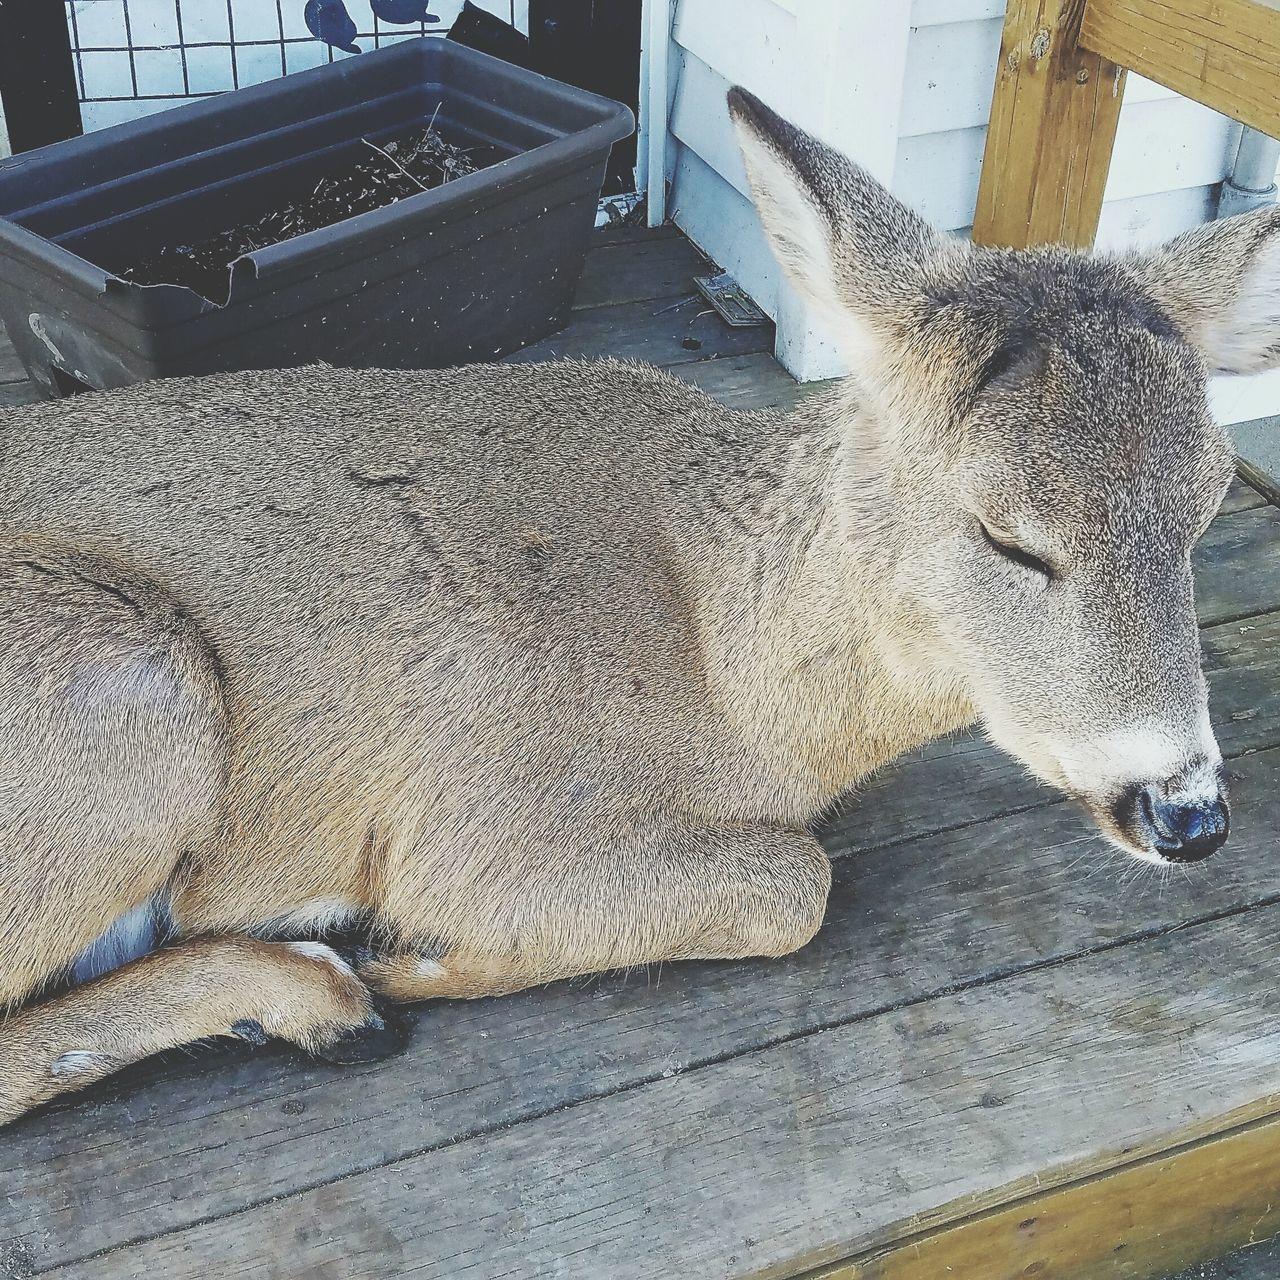 Animal Themes Taking Photos Beauty In Nature Farmland Deer Deerselfie